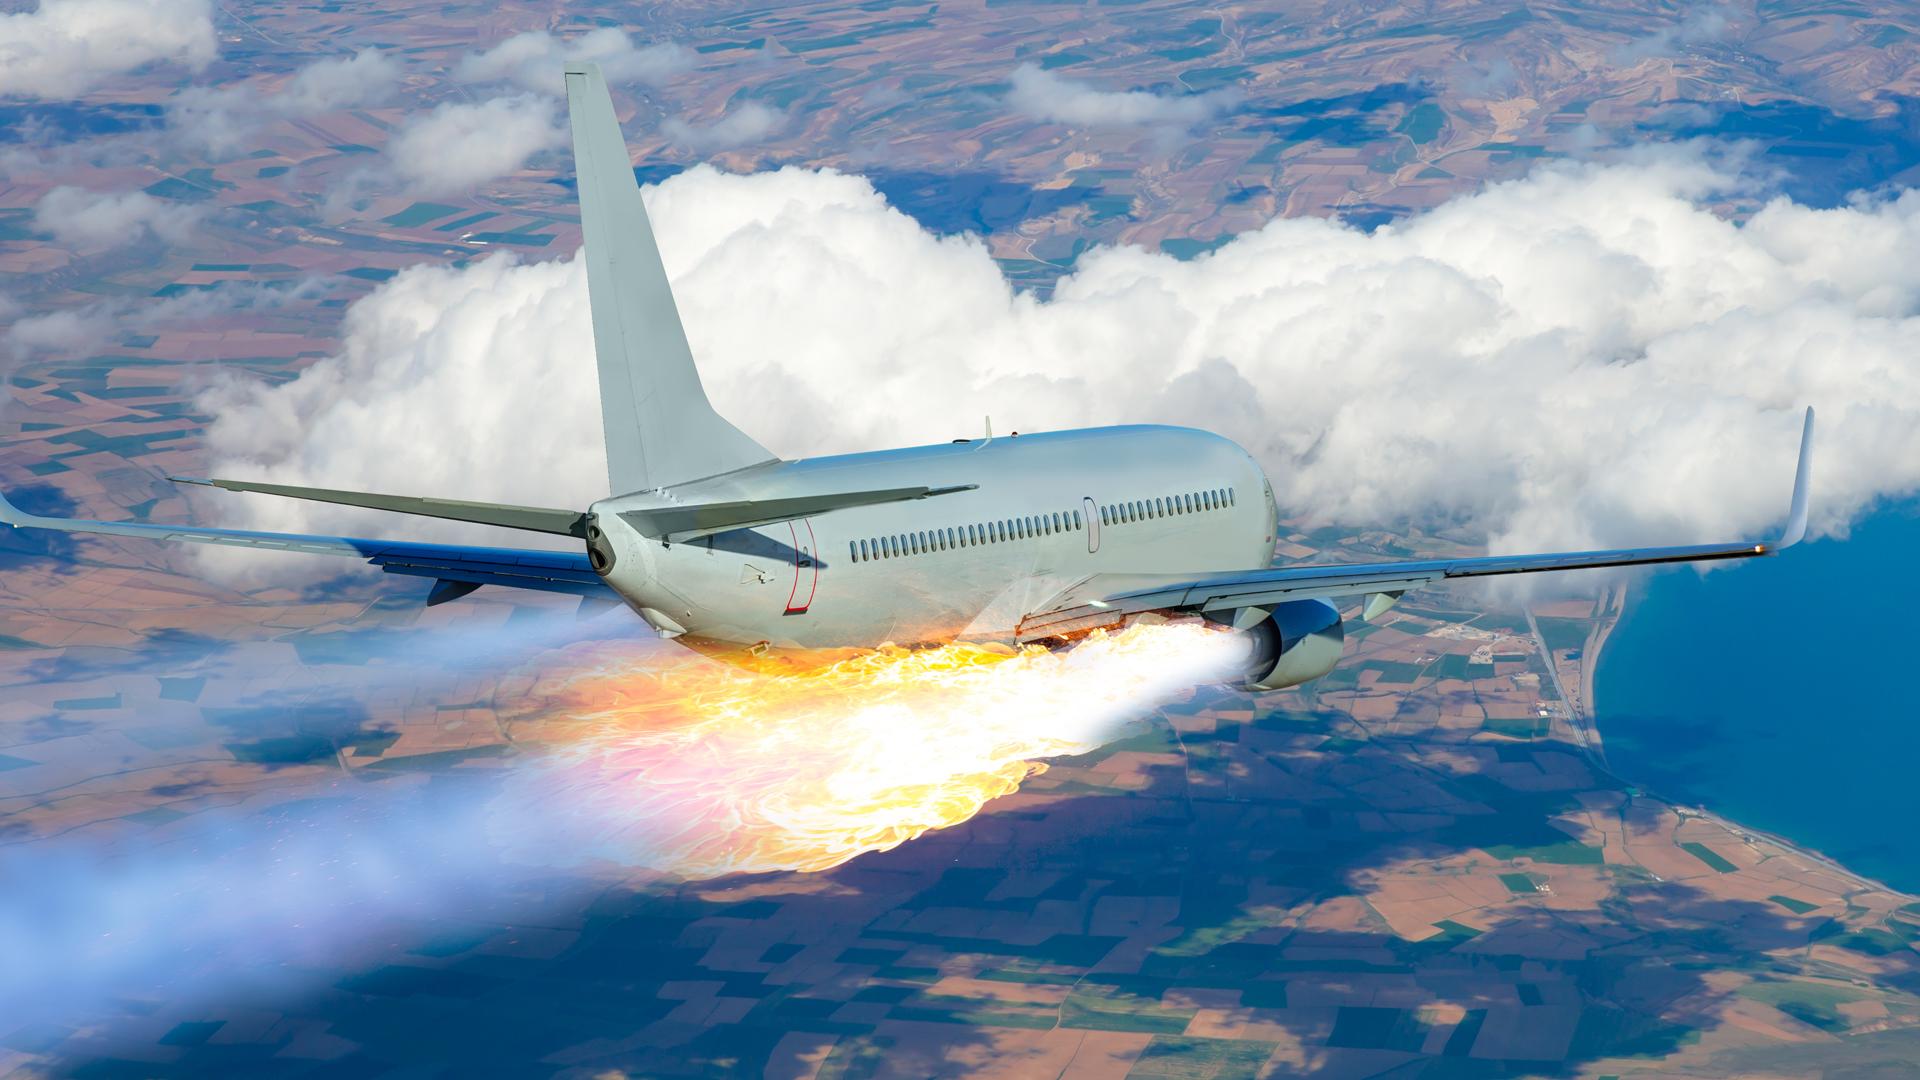 Cuáles fueron las tragedias aeronáuticas más terribles